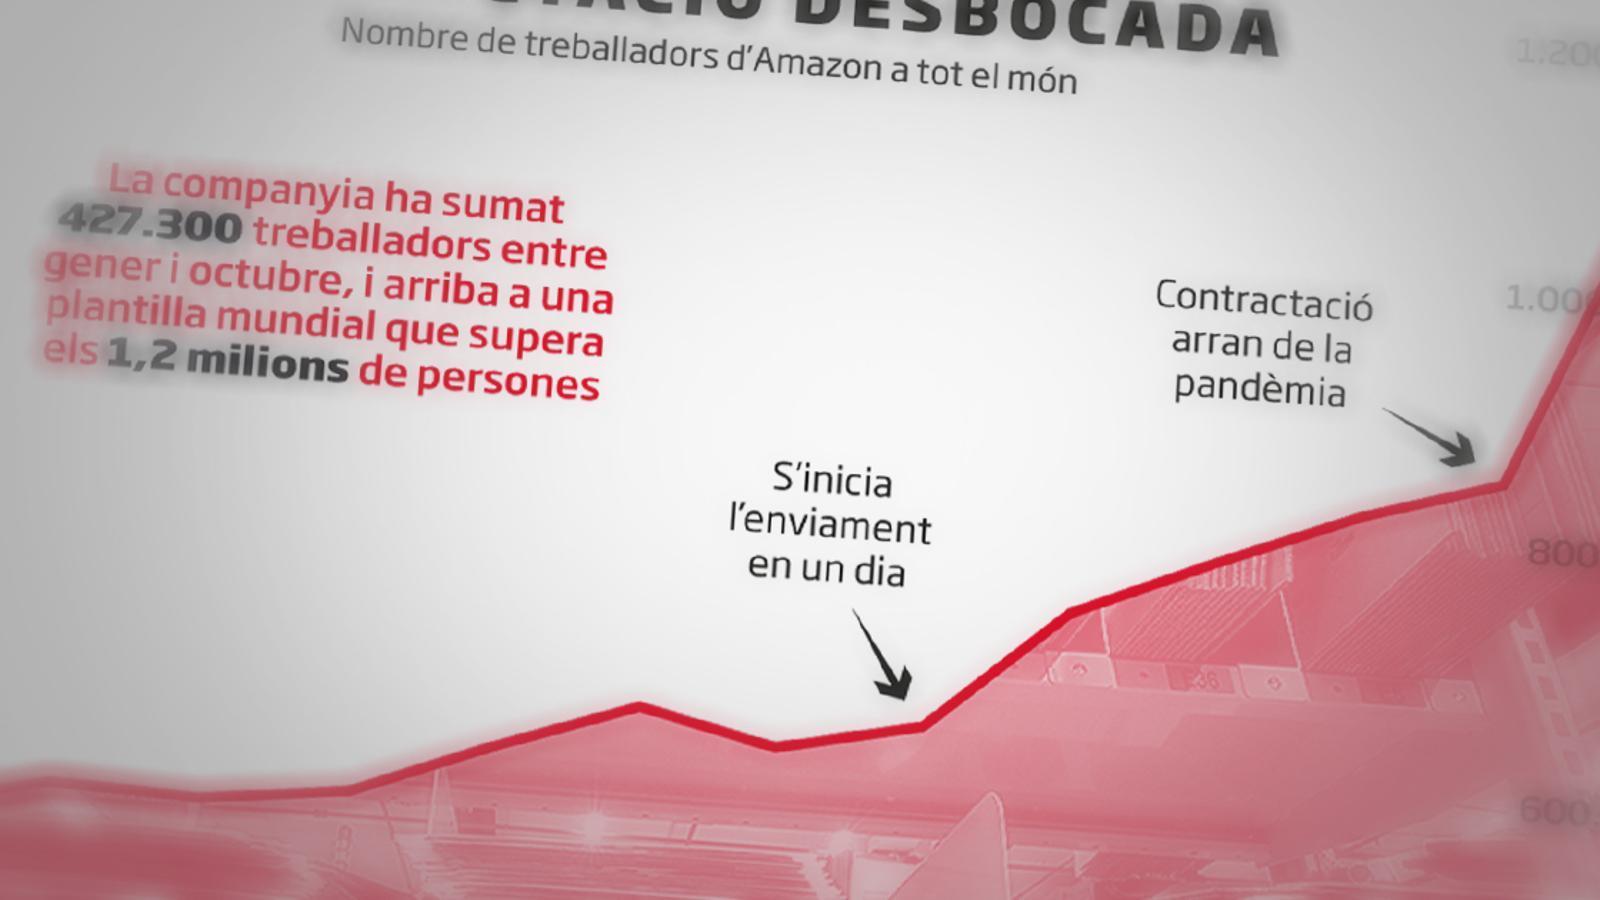 Amazon fitxa mig milió d'empleats en la pandèmia